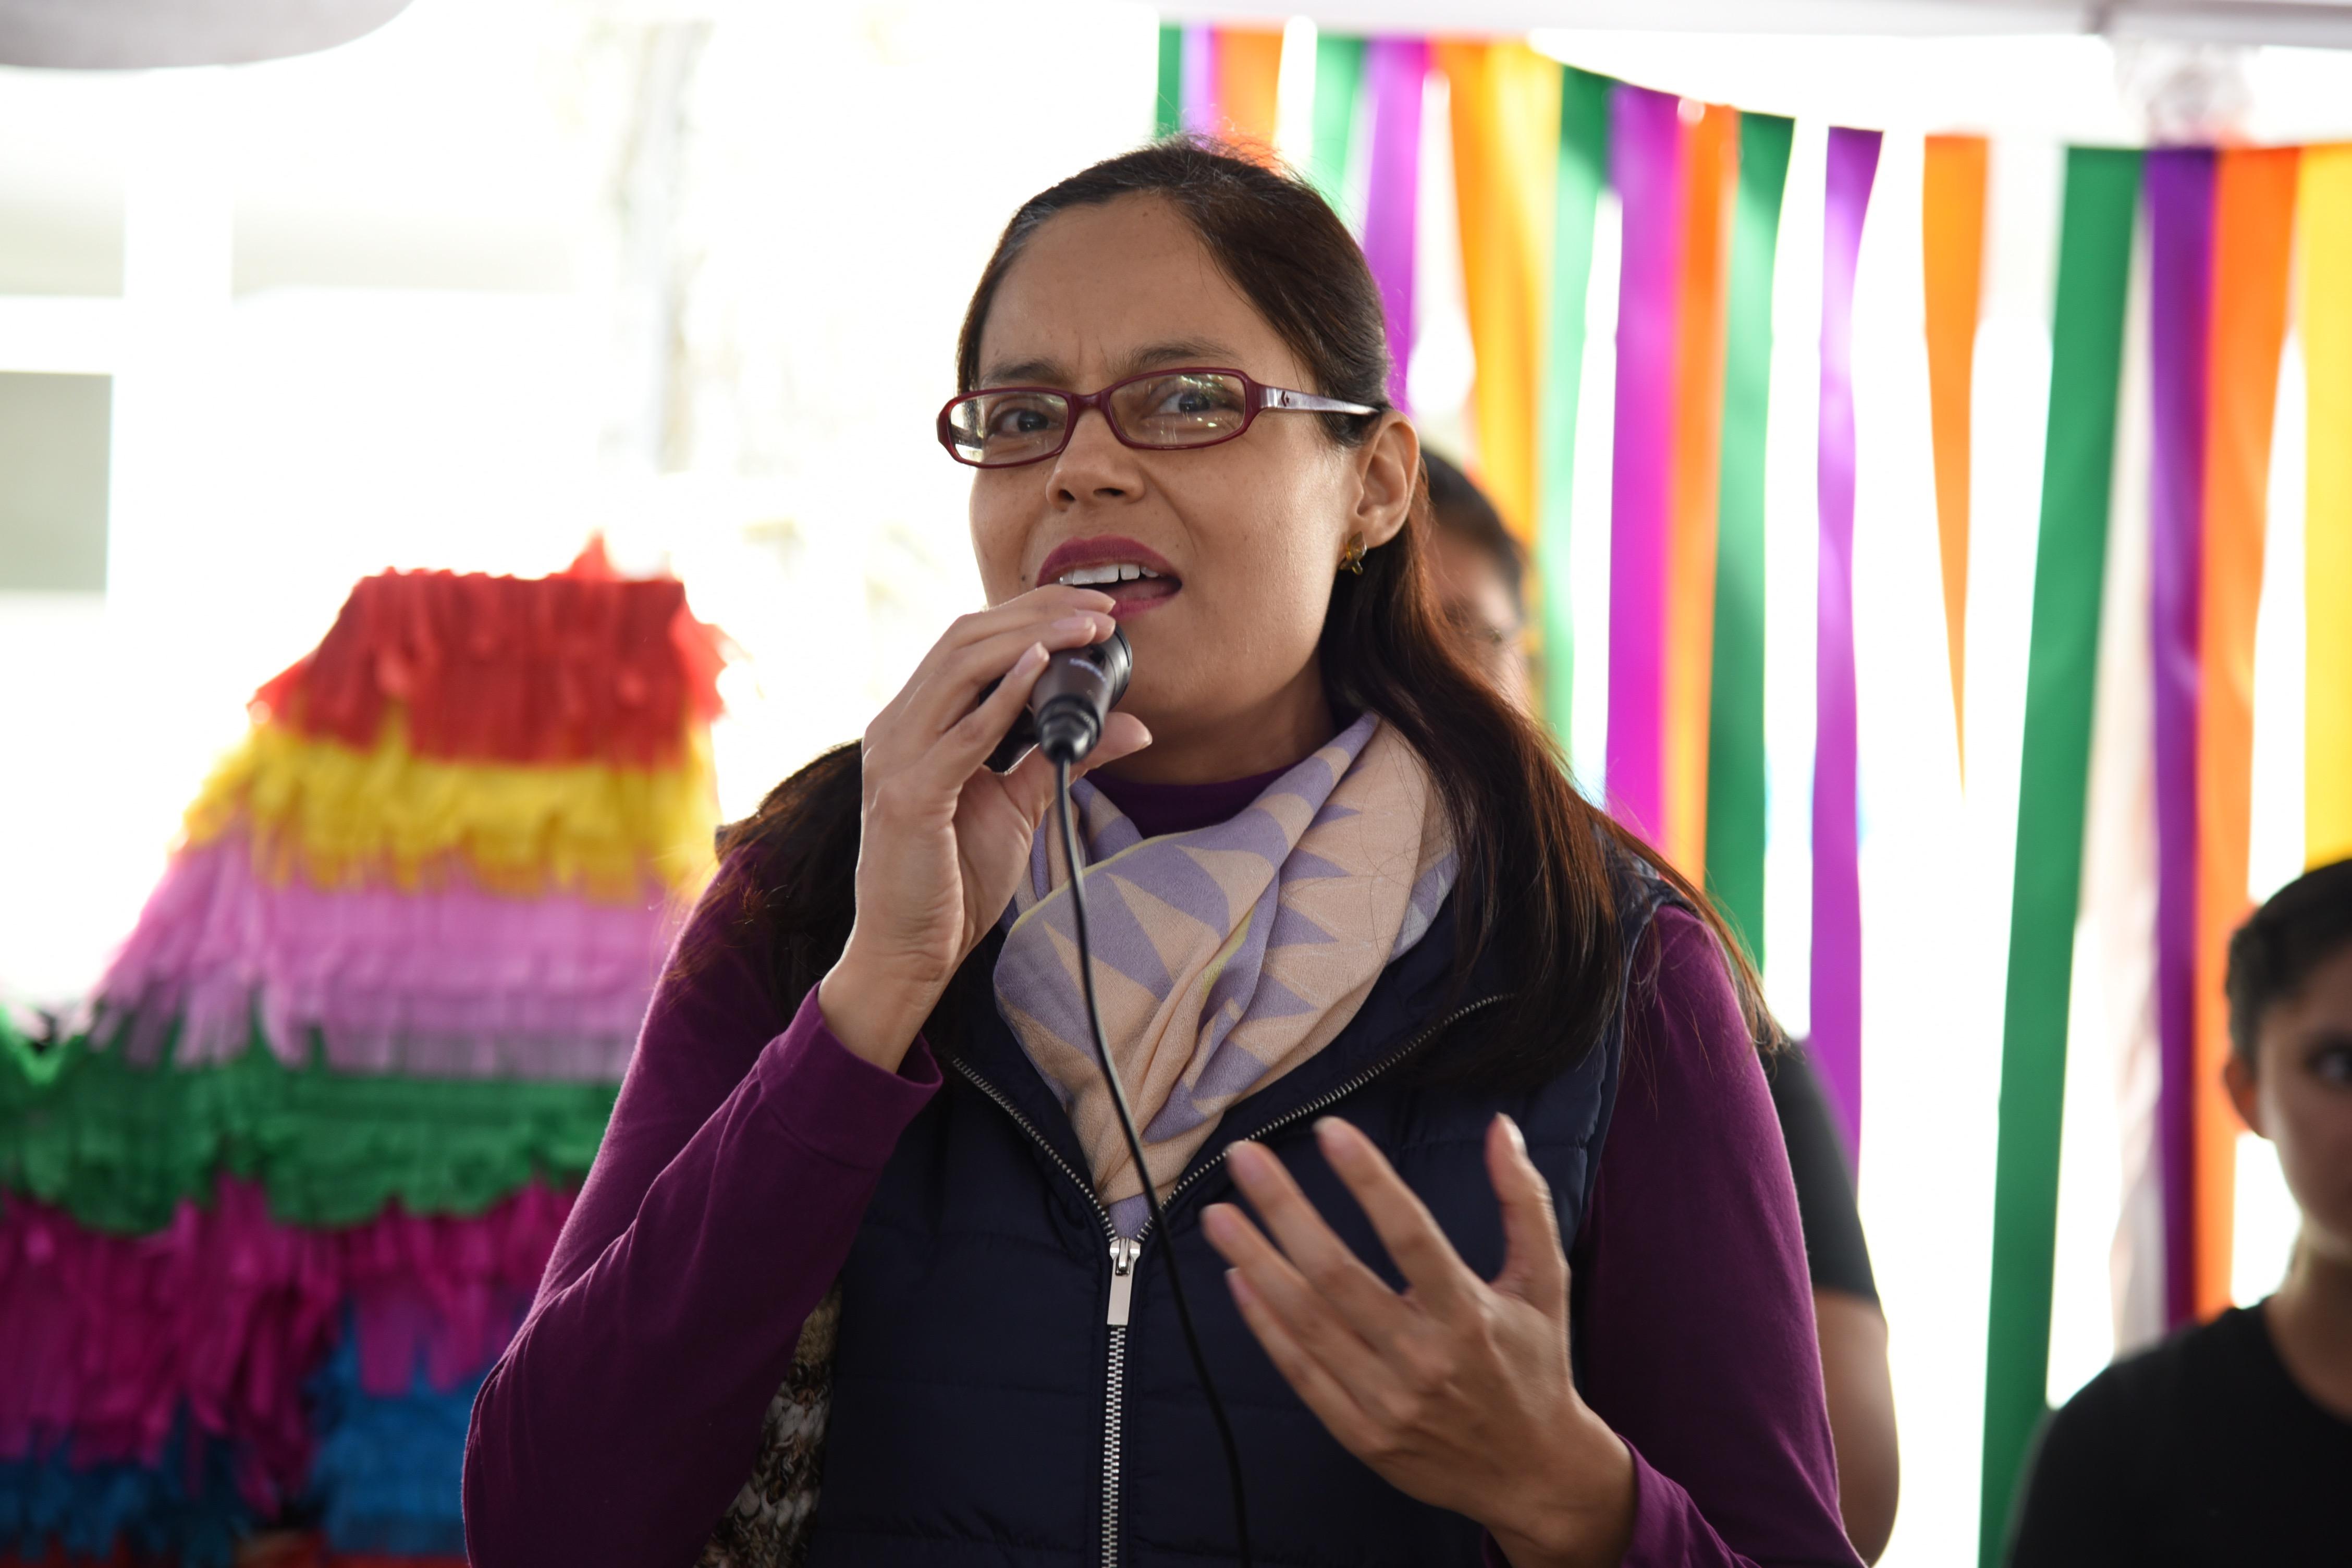 Mtra Martha Altamirano, dando mensaje durante el acto inaugural de la Expo